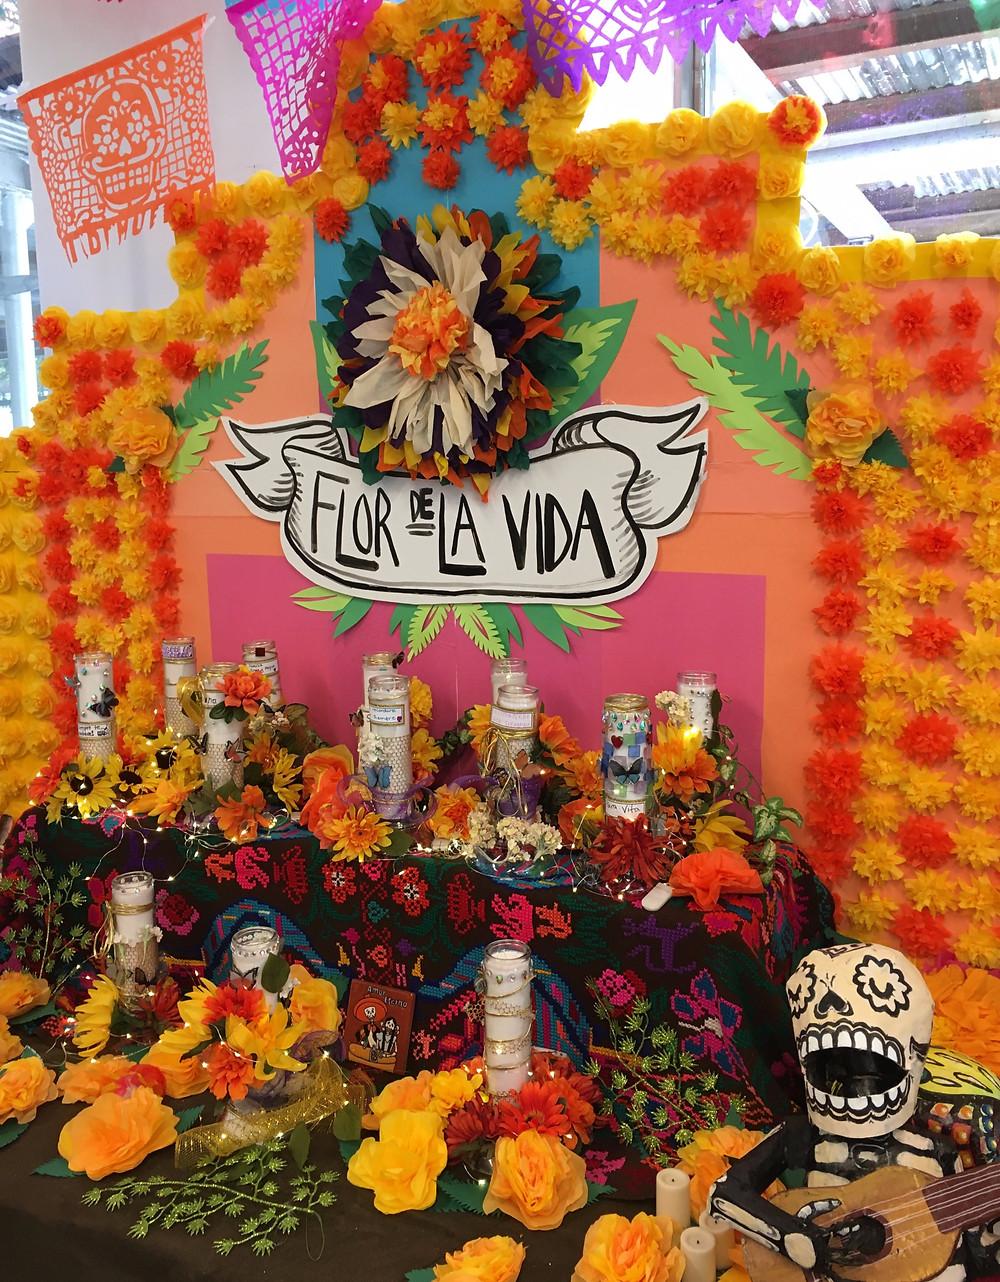 El Museo's spectacular Día de los Muertos altar, Flor de la Vida, was created by artist Cievel Xicohtencatl